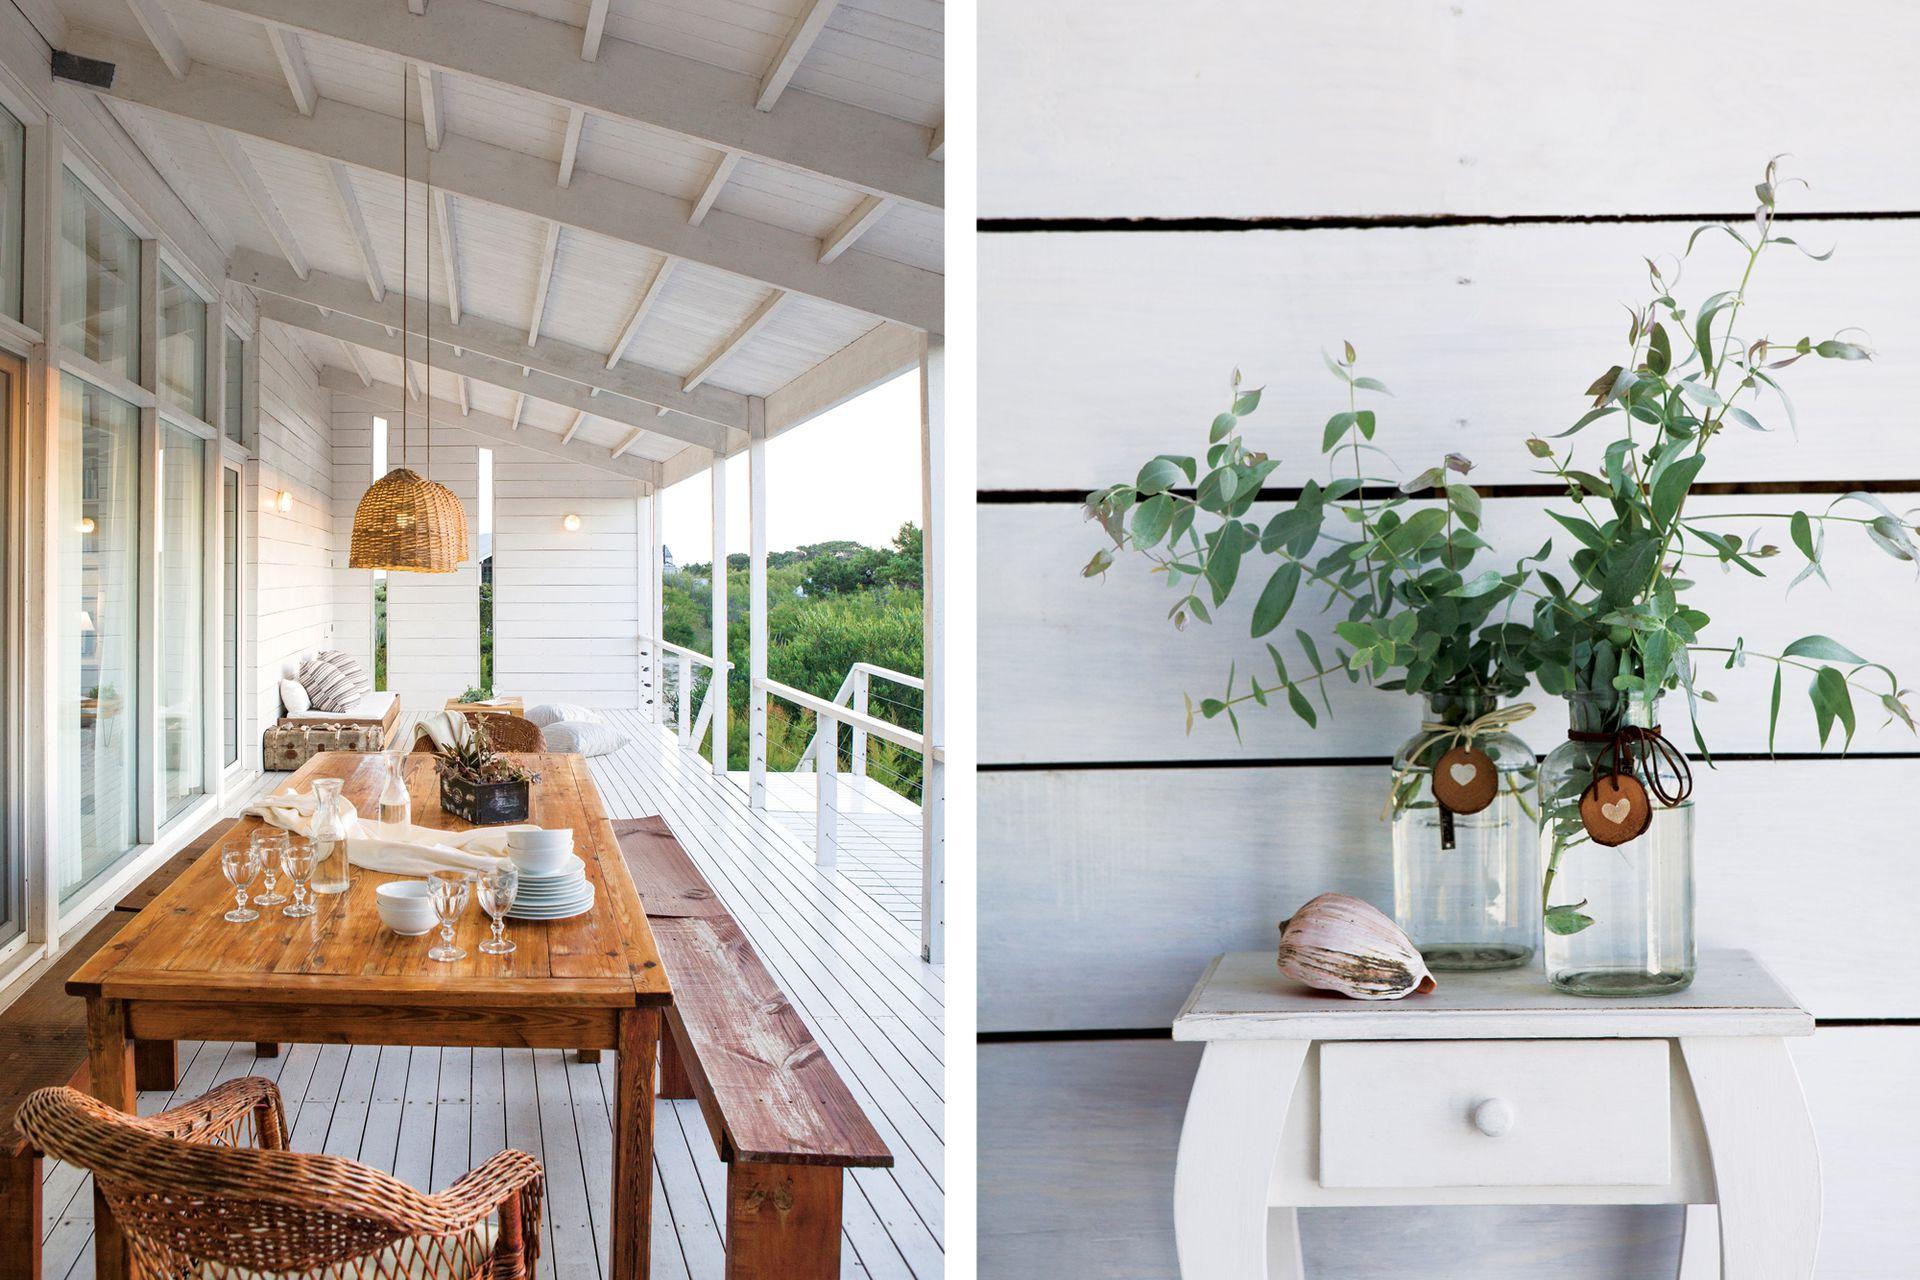 Los muebles en madera natural o blanca son la clave del clima cálido y elegante que tiene esta chacra de mar.